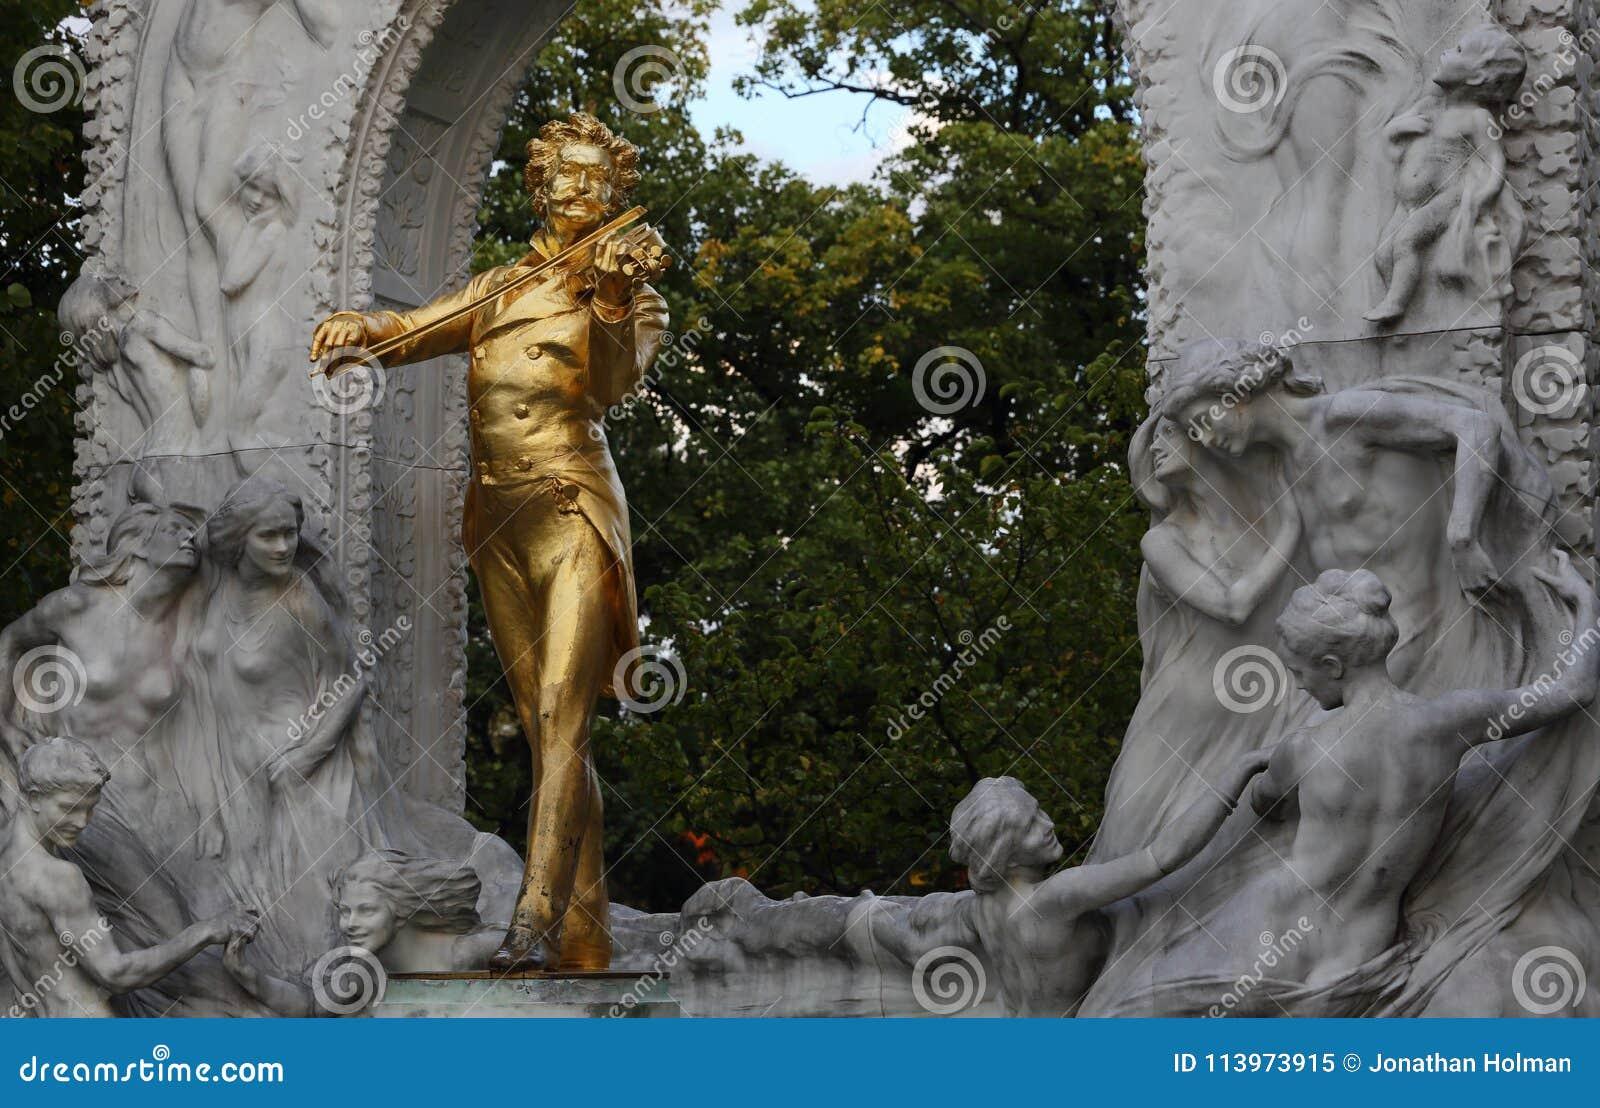 Straussstandbeeld in Wenen, Oostenrijk, Wien Muziek, Componist Gouden Standbeeld